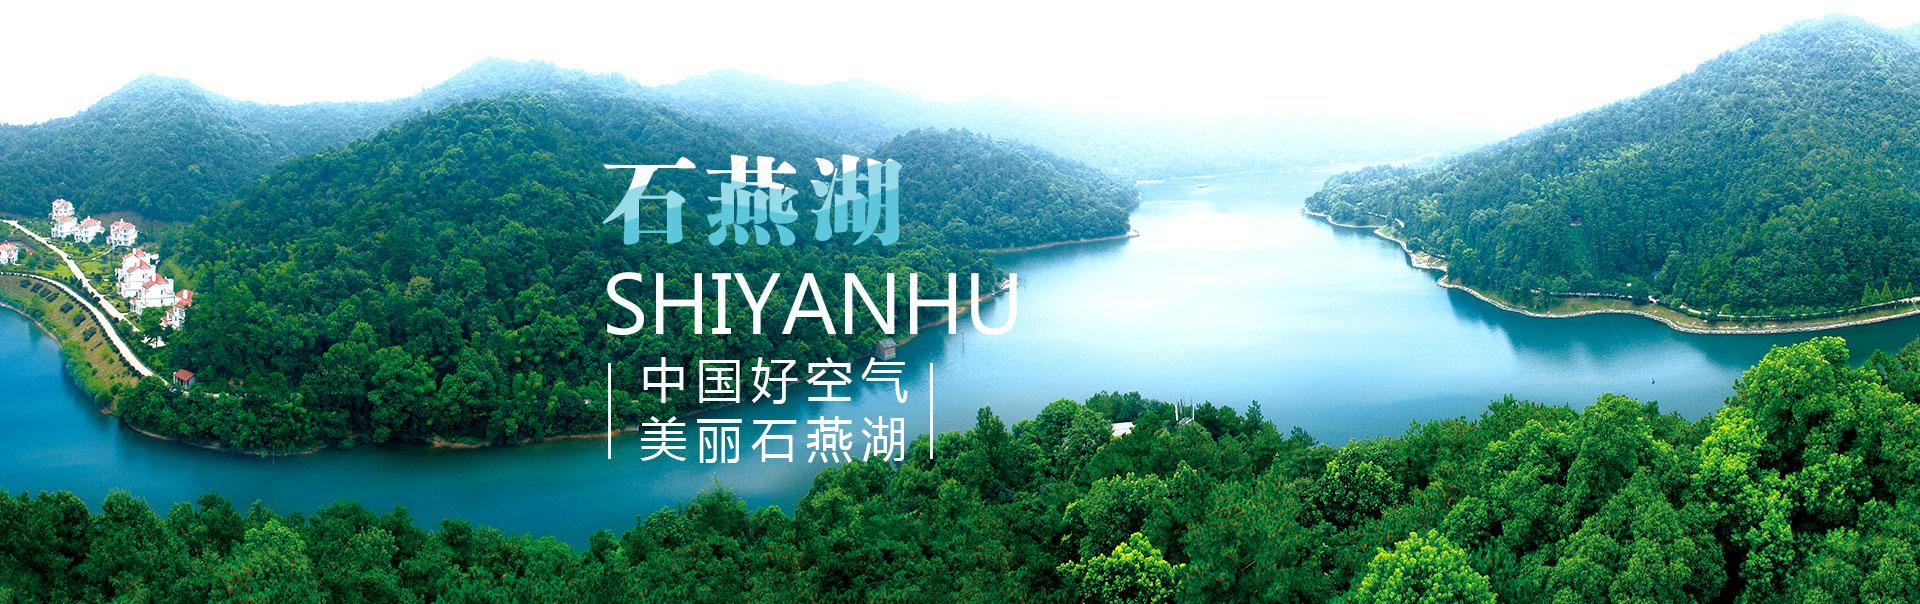 长沙石燕湖风景区获平江石牛寨景区70年经营权